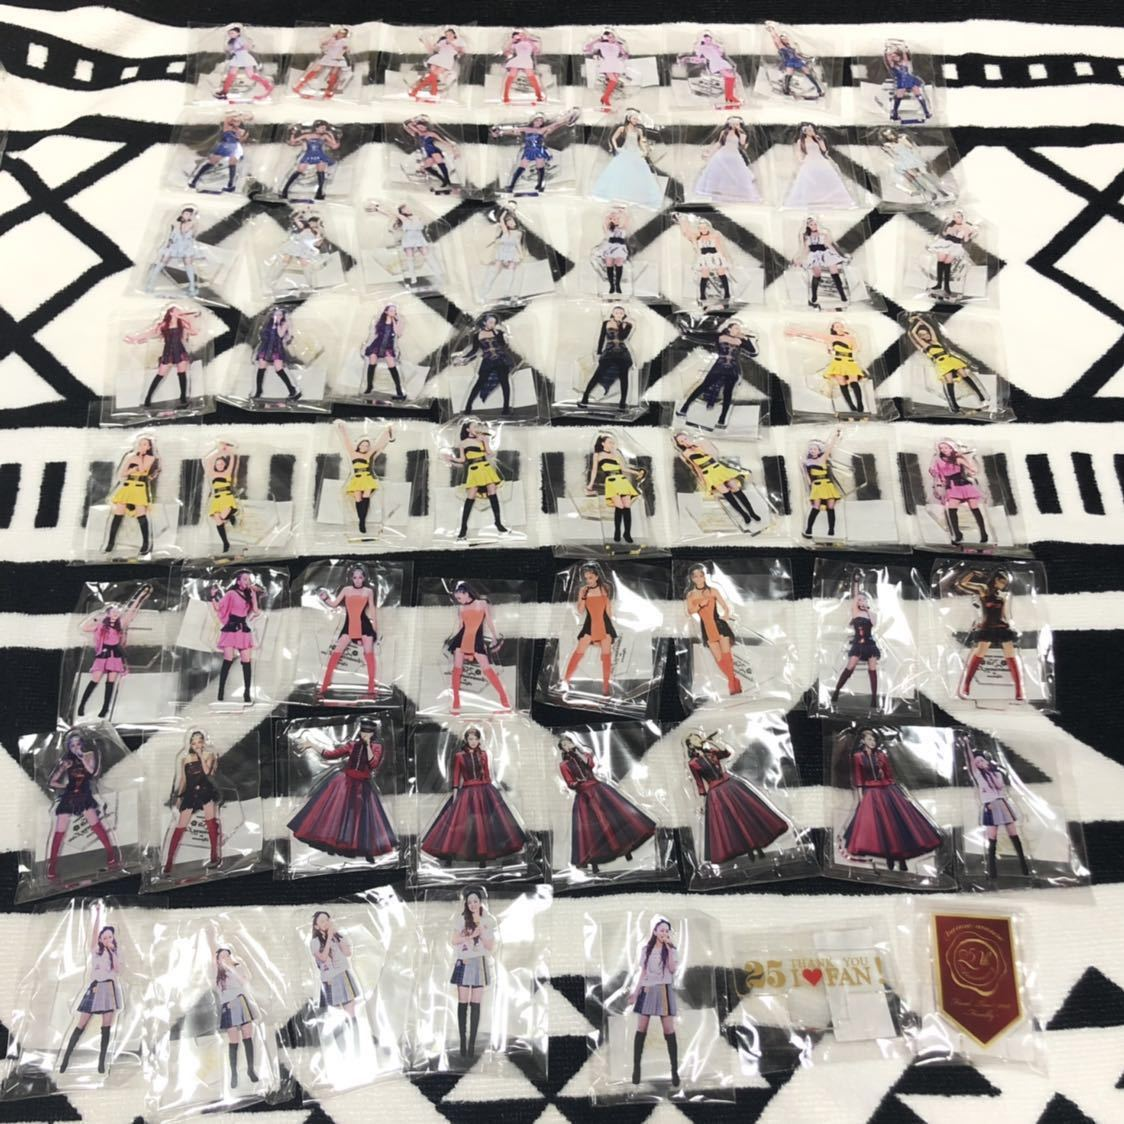 安室奈美恵 ガチャガチャ フルコンプリート アクリルスタンド63種 マグネット57種 マスキングテープ1種 全121種類 日本製